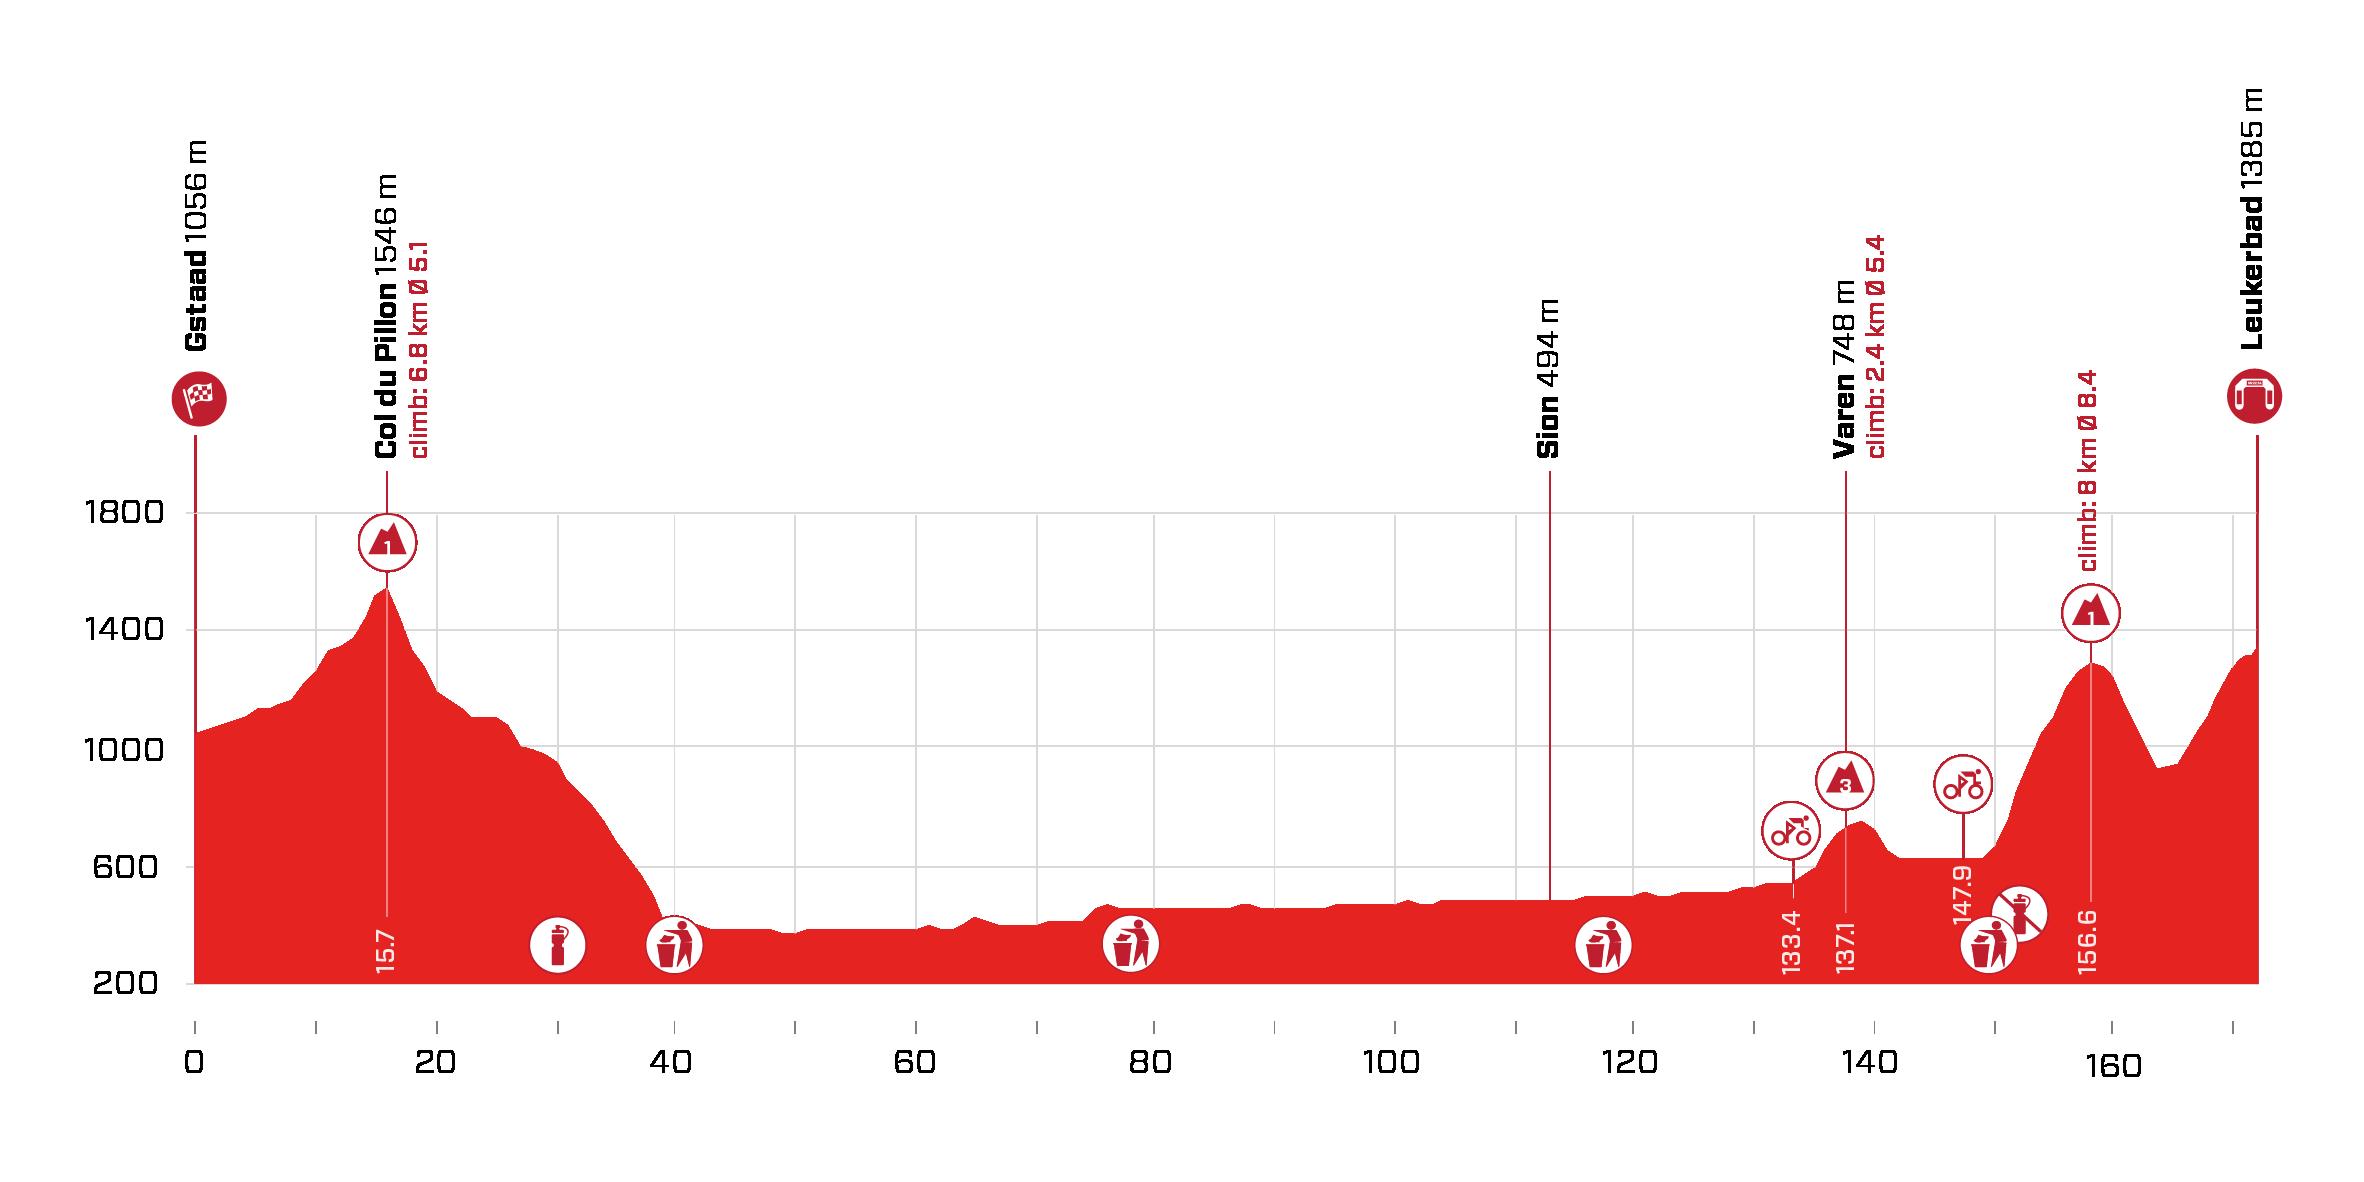 Tour de Suisse stage 5